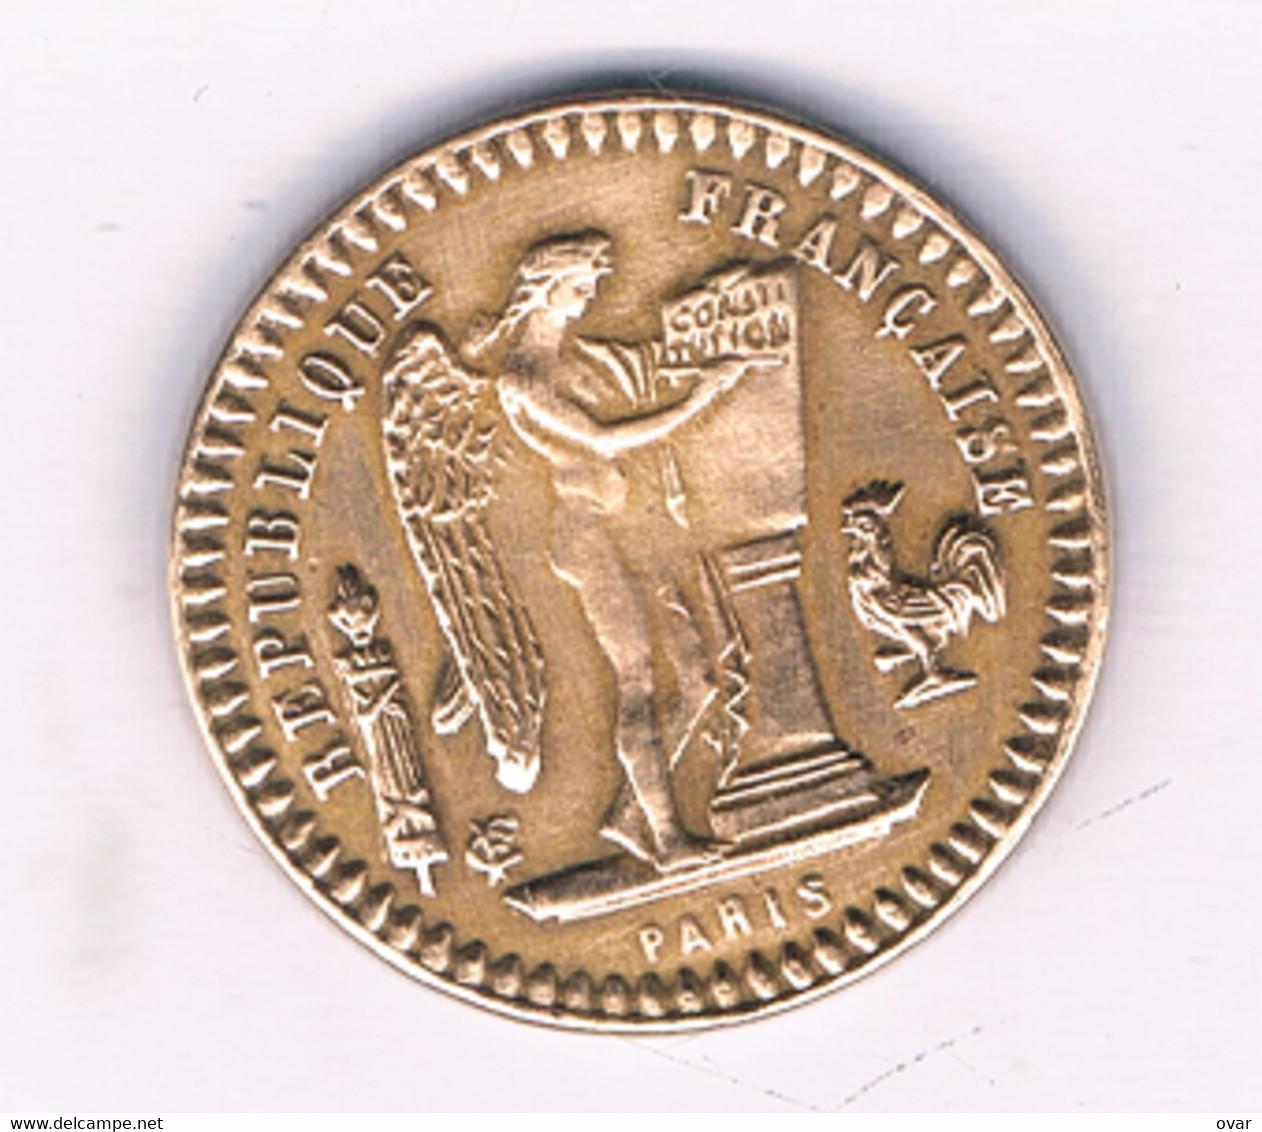 20 FRANCS 1898-RARE- TOKEN FRANKRIJK /5942/ - Unclassified